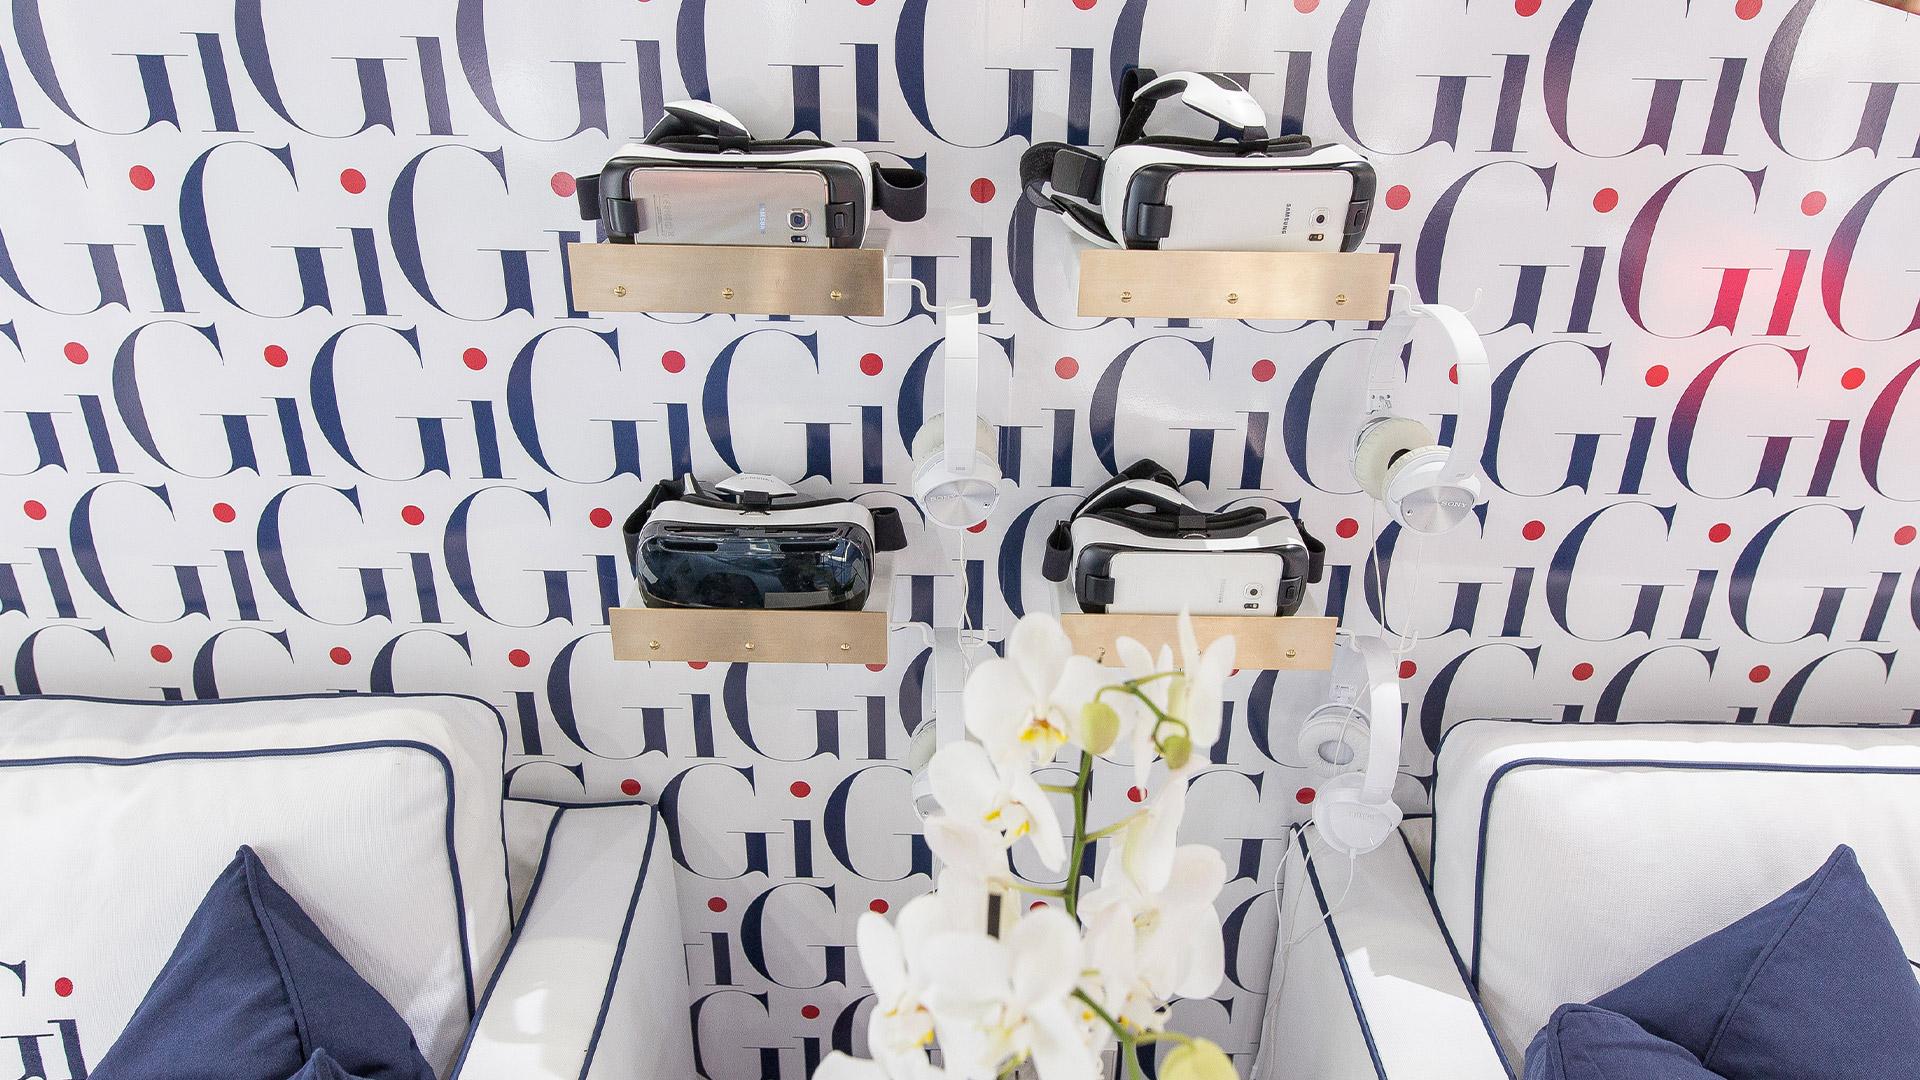 LIGANOVA   Tommy Hilfiger   Brand Experience – TOMMYxGIGI Bread & Butter   Insights